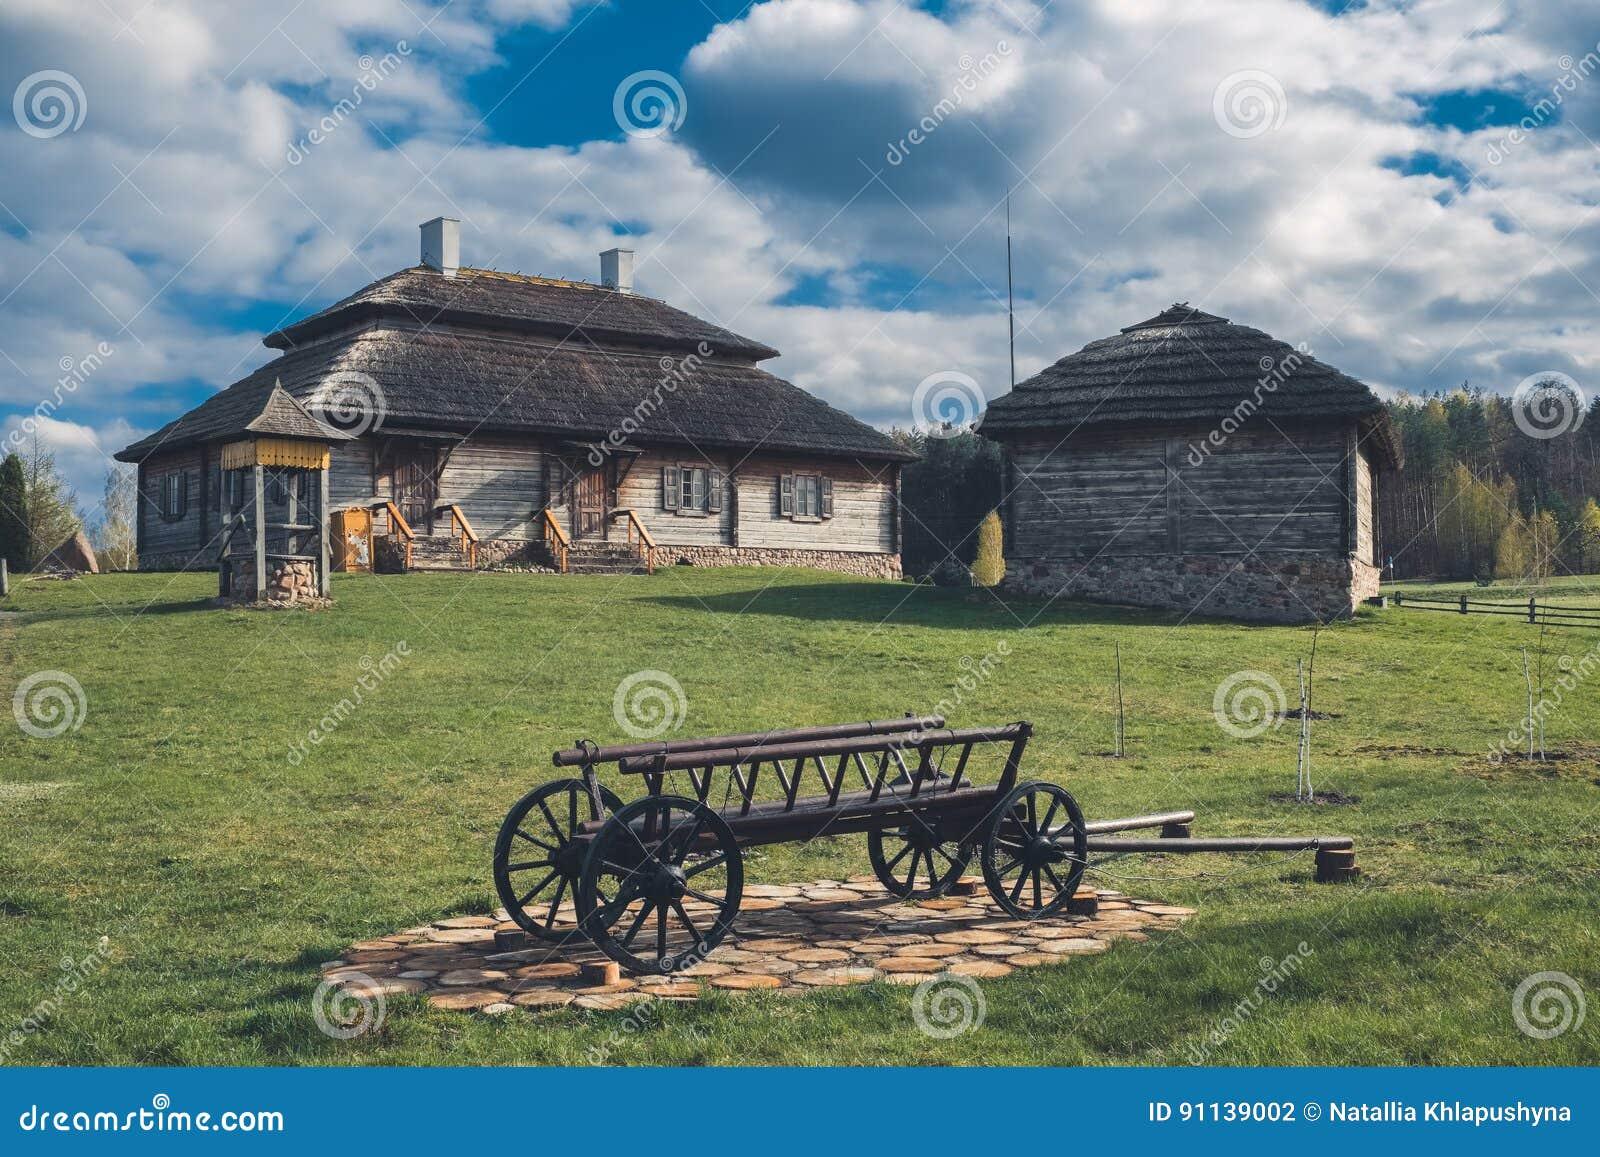 Etniskt hus på lantligt landskap - födelseort av osciuszkoen i den Kossovo byn, Vitryssland